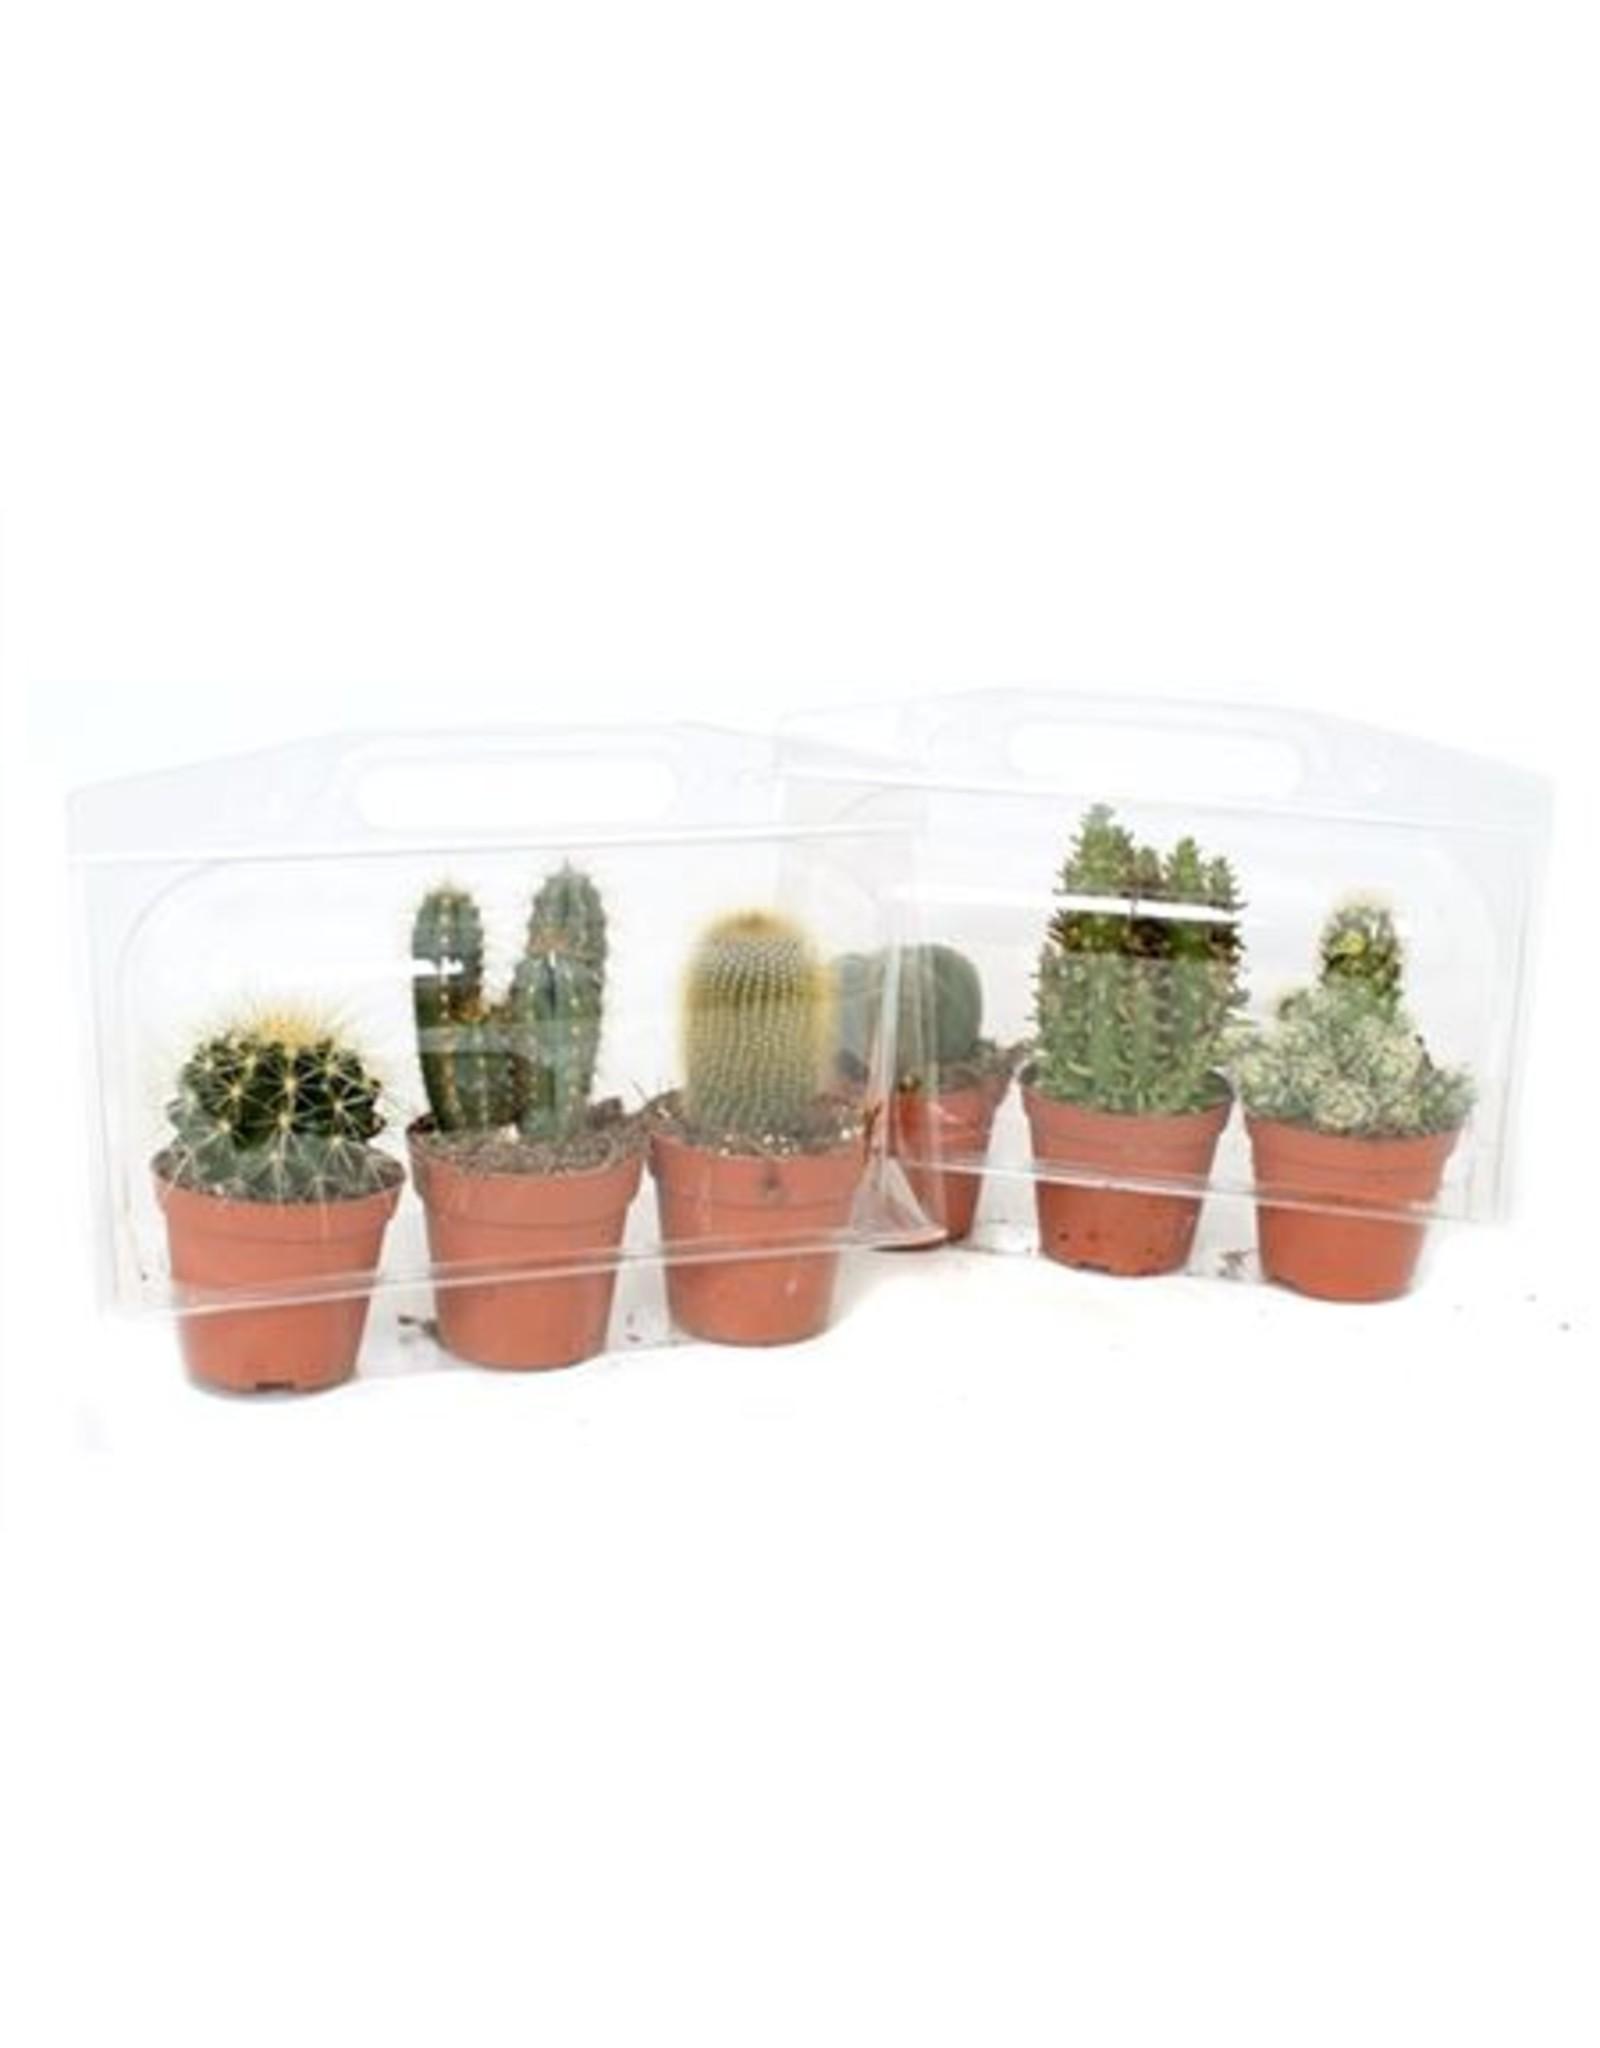 VDP 3x Cactus 8,5 Cm In 3er Blister x 6